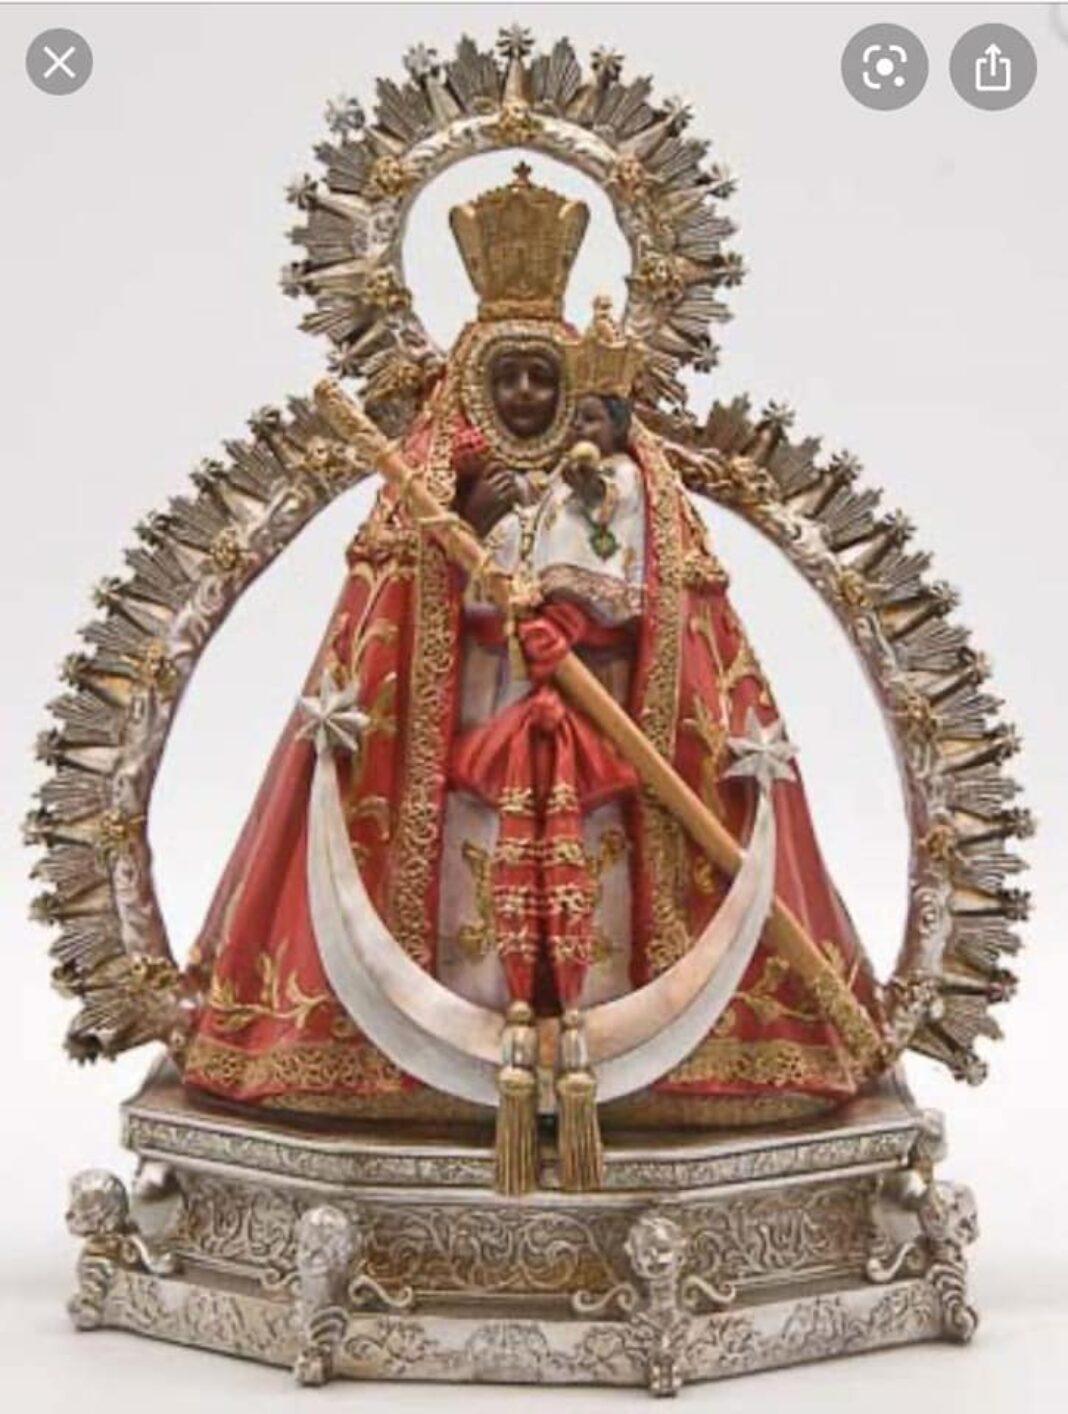 Réplica a escala de la imagen de la Virgen de la Cabeza de Herencia 1068x1414 - Sorteo de una imagen de la Virgen de la Cabeza